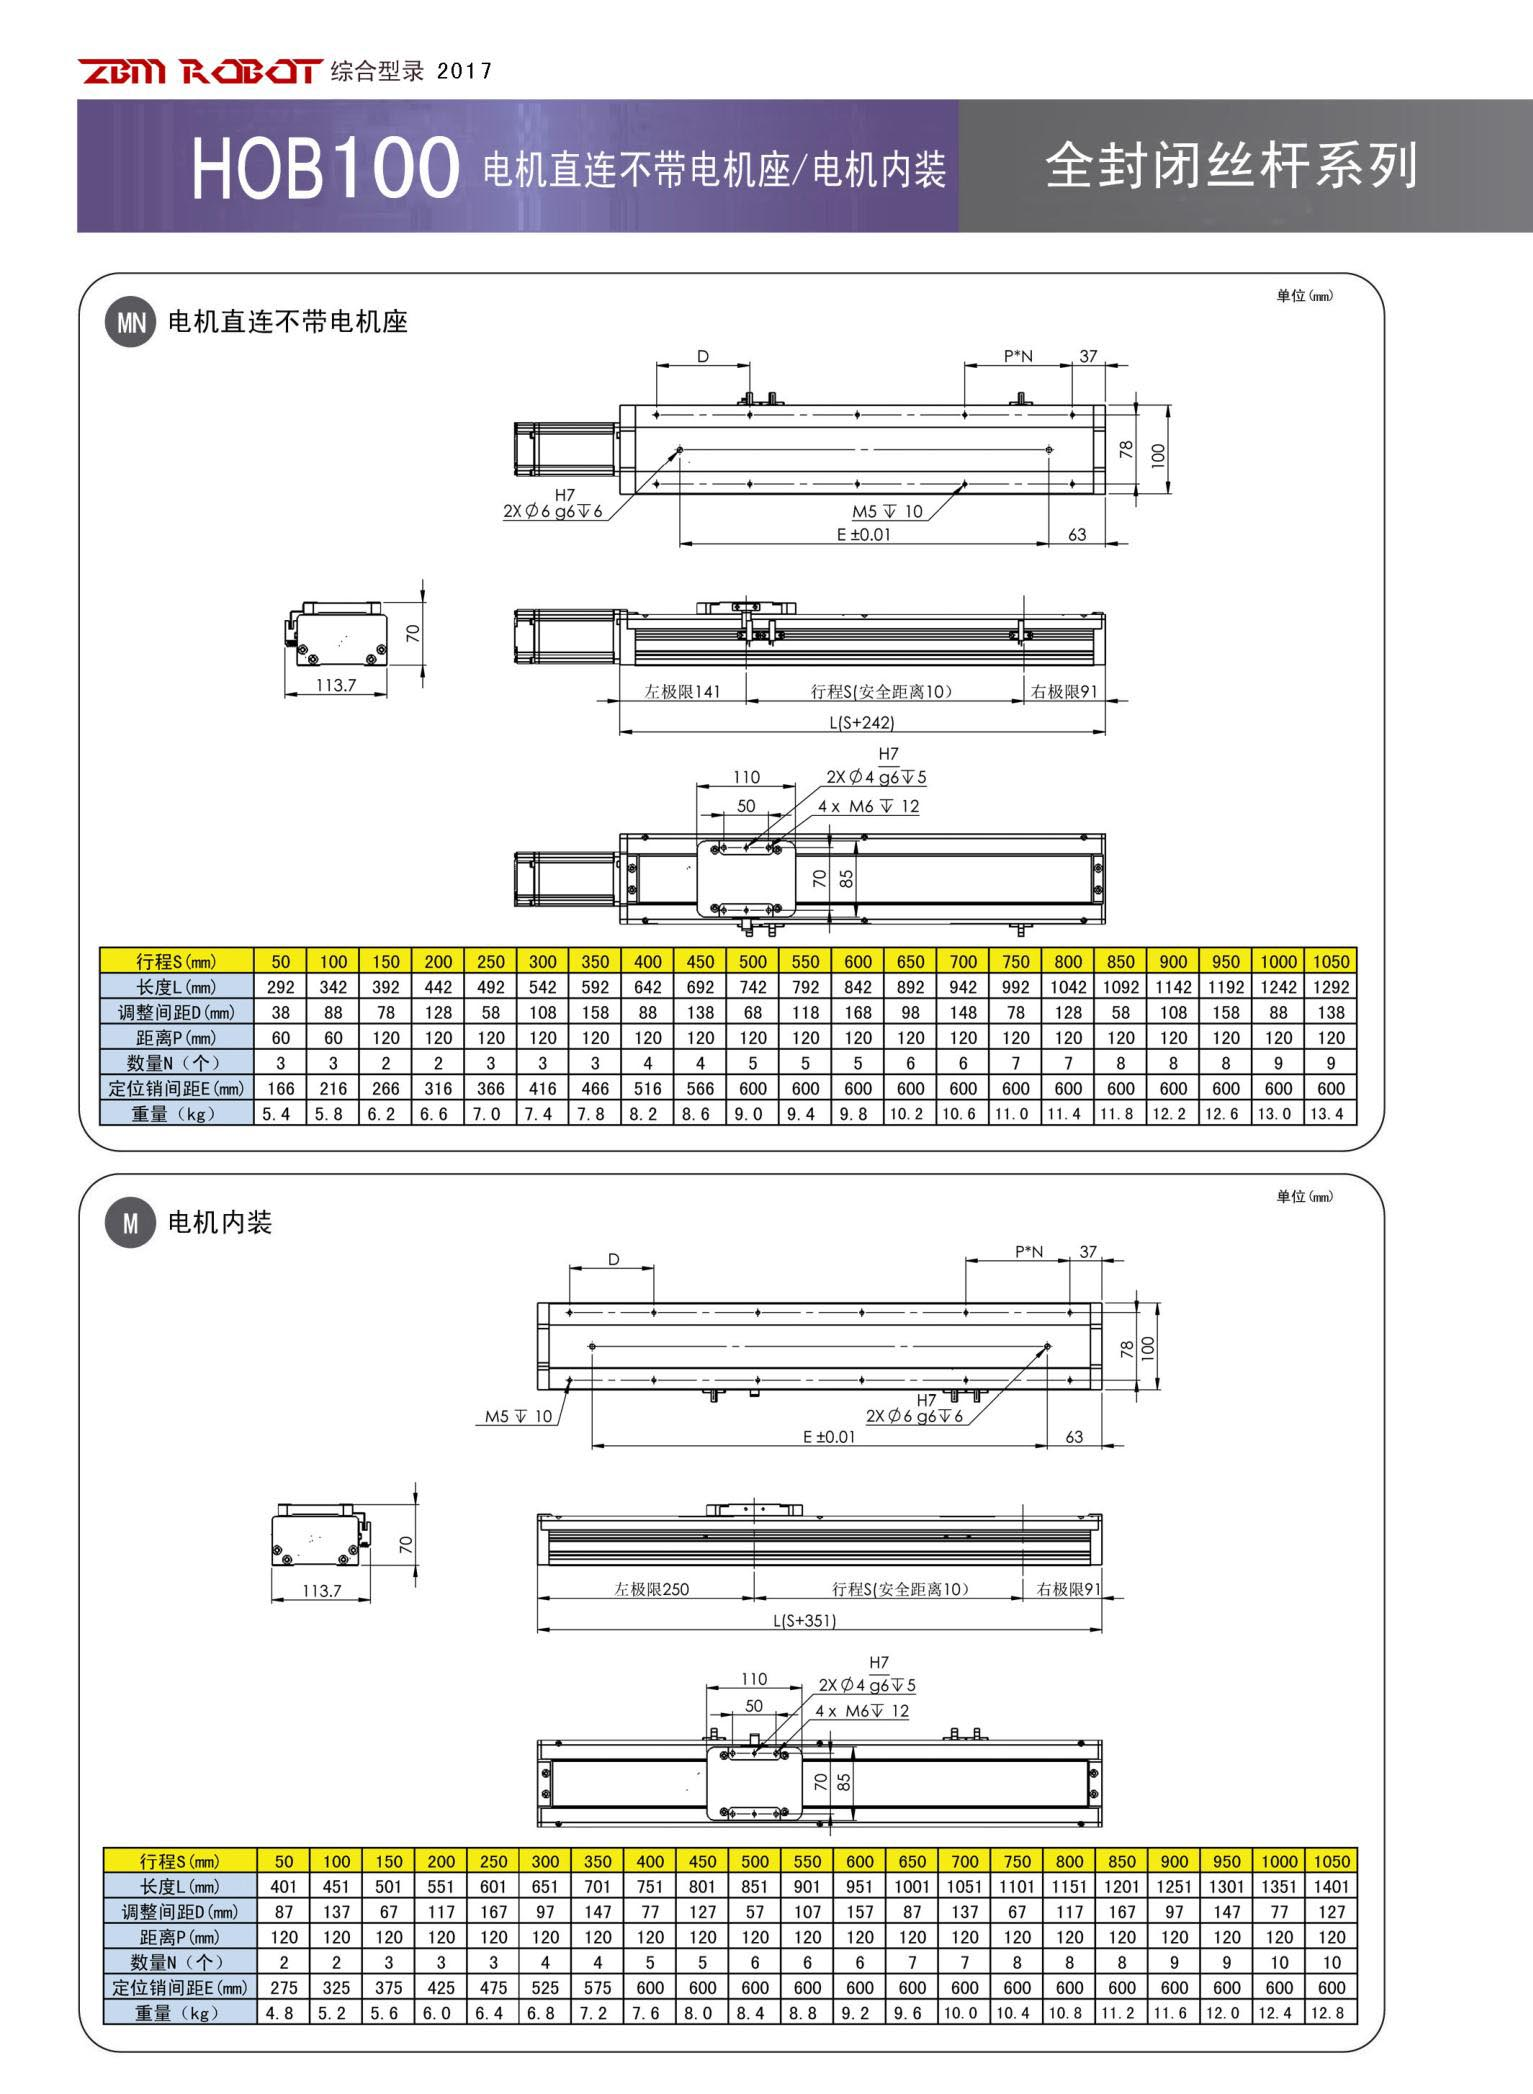 HOB100S-CR|全封闭丝杆模组-深圳市鸿博智能装备有限公司